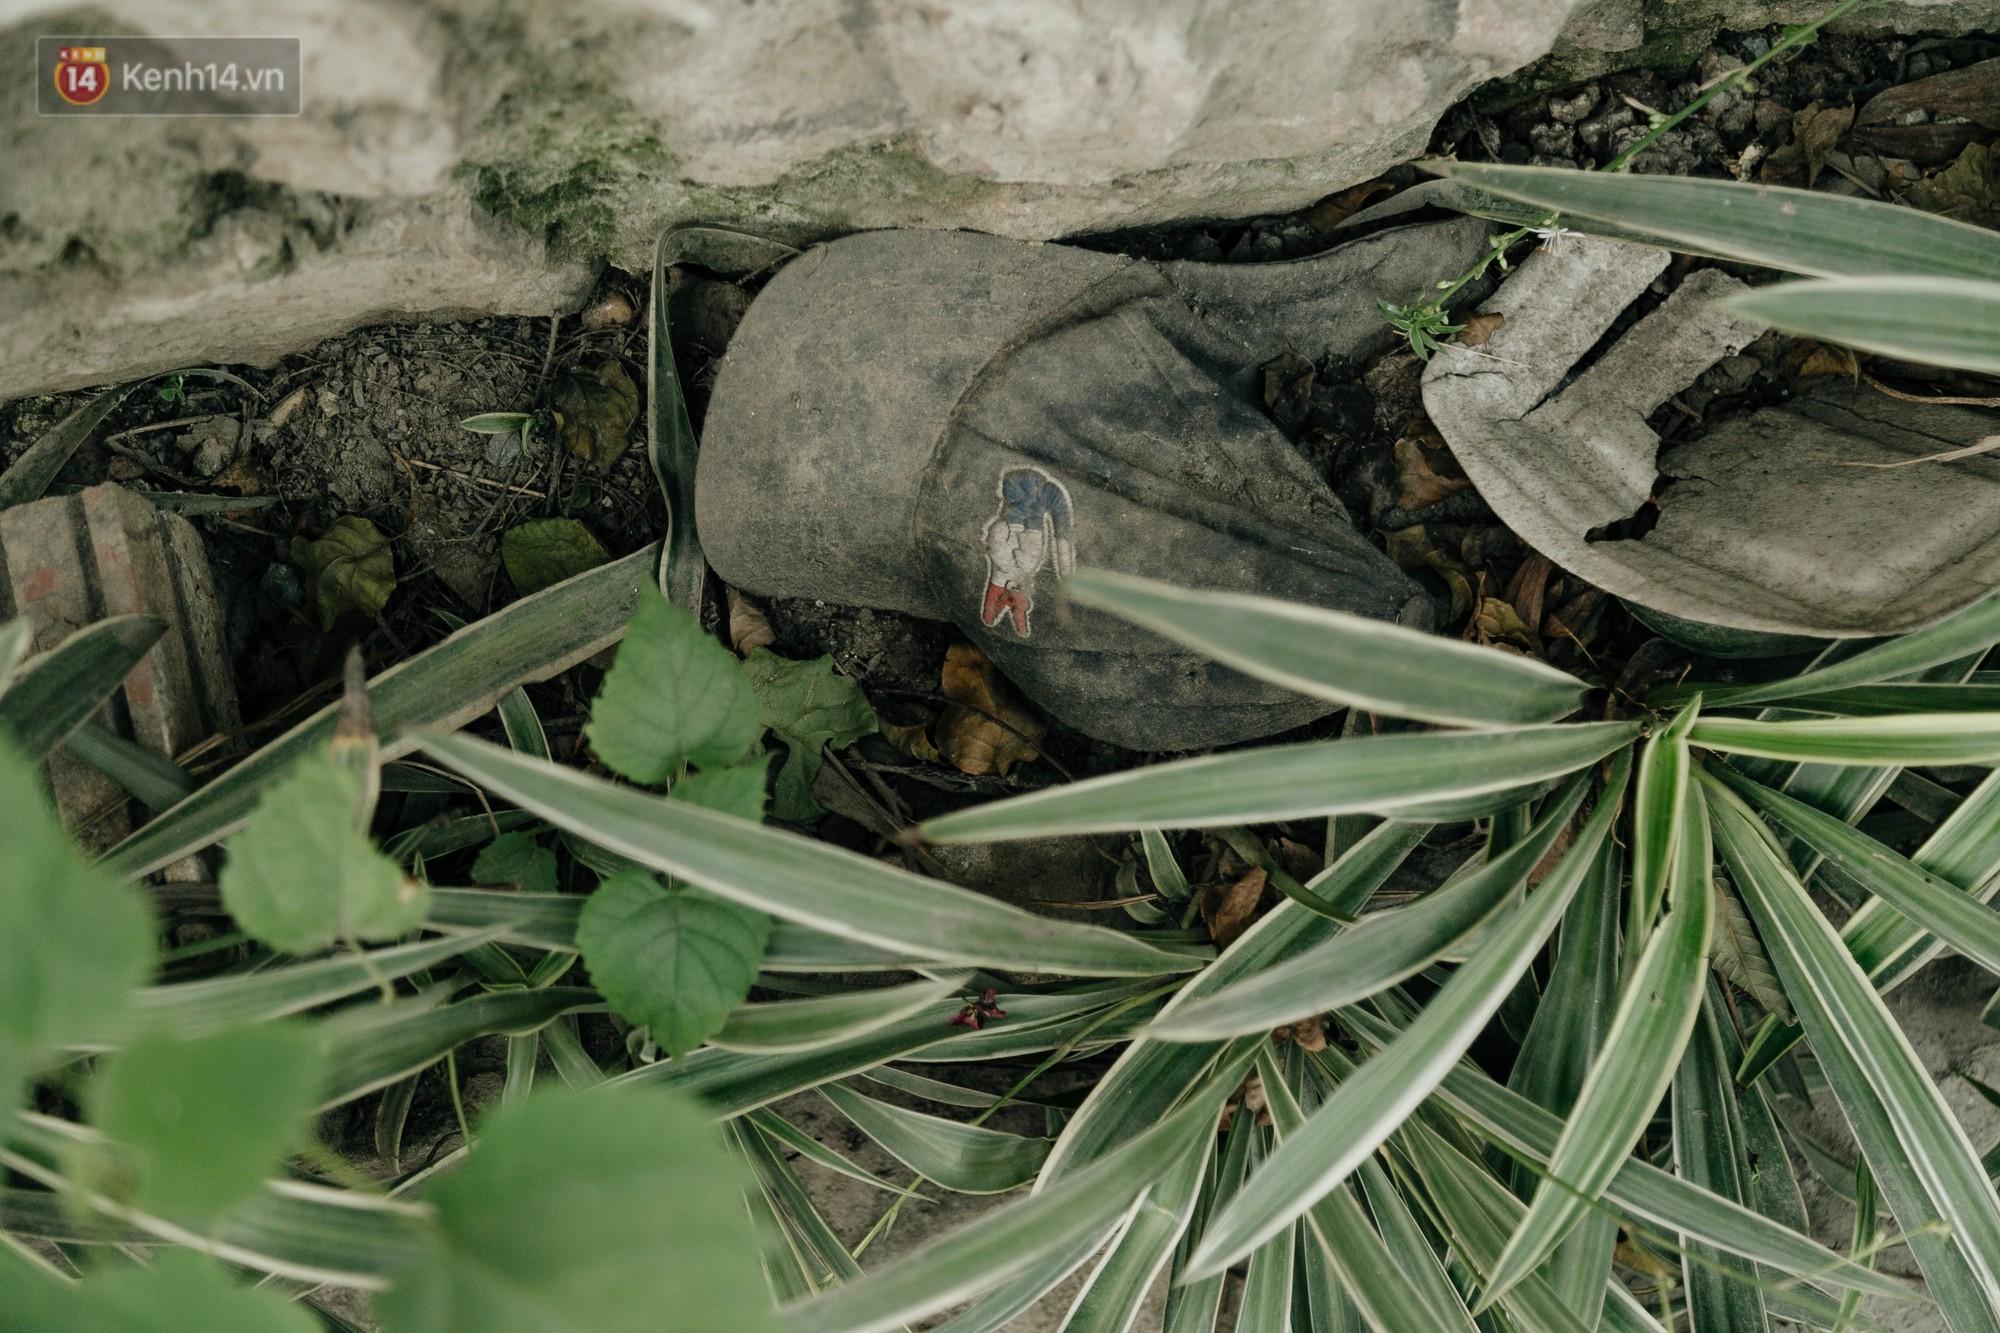 Không được người dân chăm sóc, những vườn hoa sinh ra từ bãi rác ở Hà Nội đã héo úa: Cần lắm sự chung tay của cả cộng đồng! - Ảnh 16.